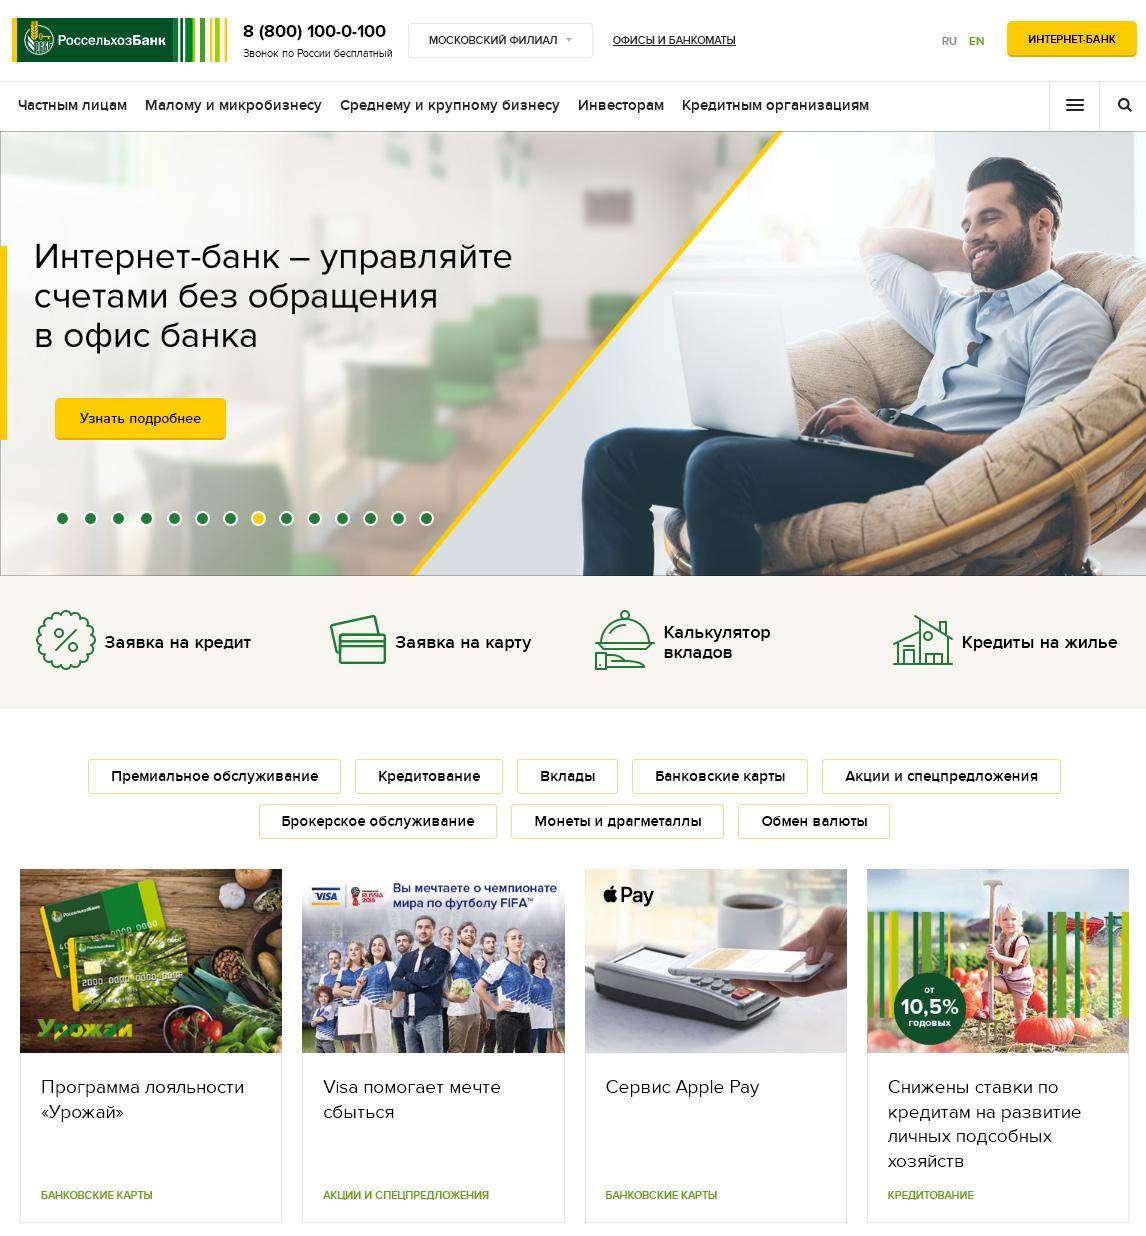 Официальный сайт Россельхозбанк